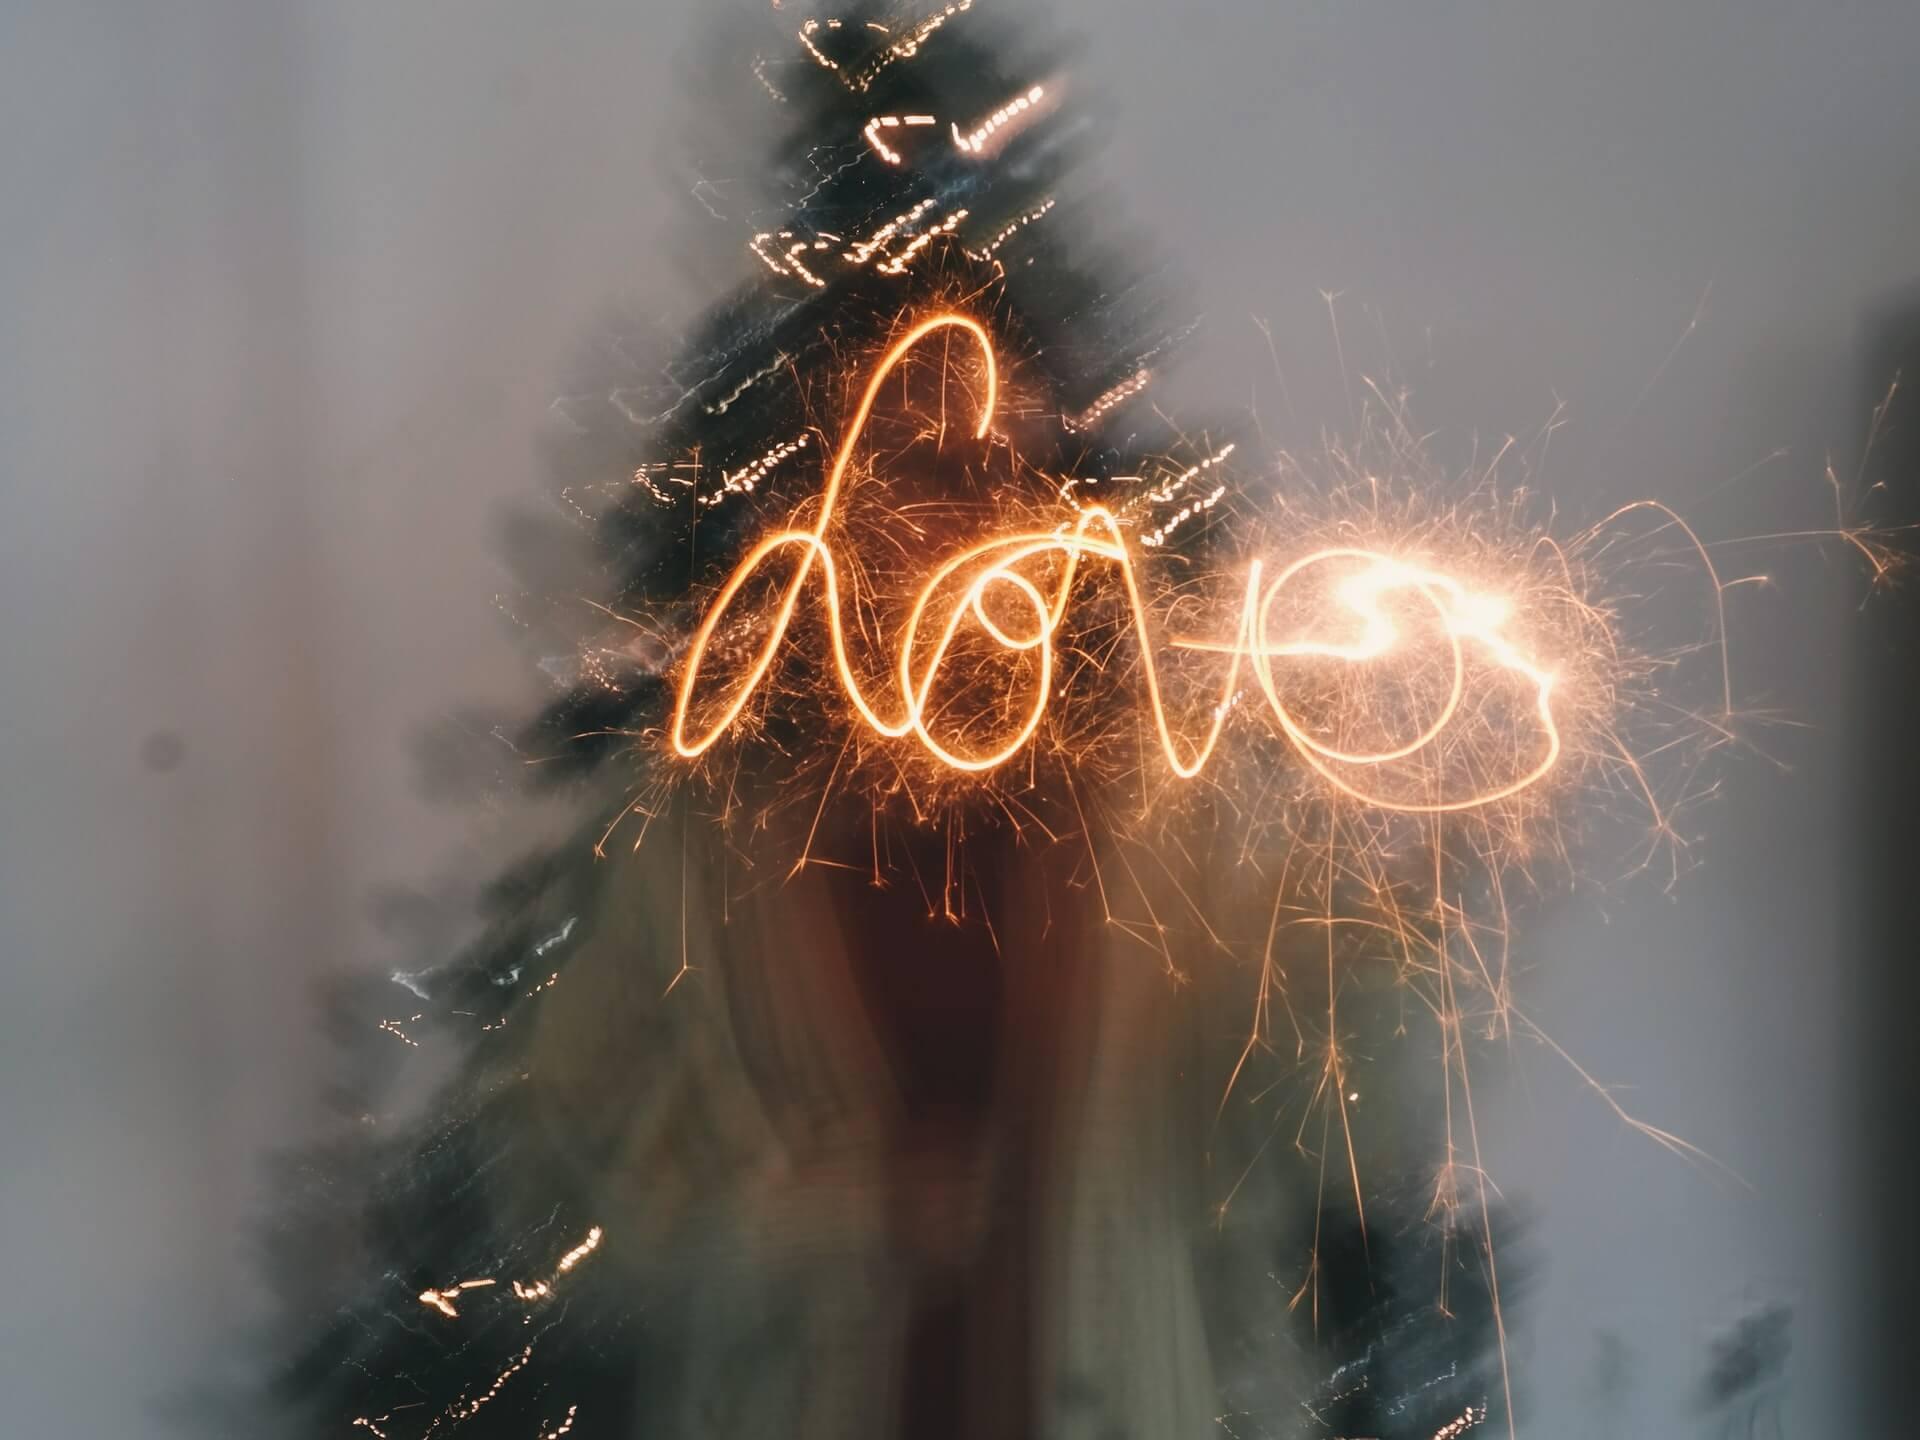 feux d'artifices love